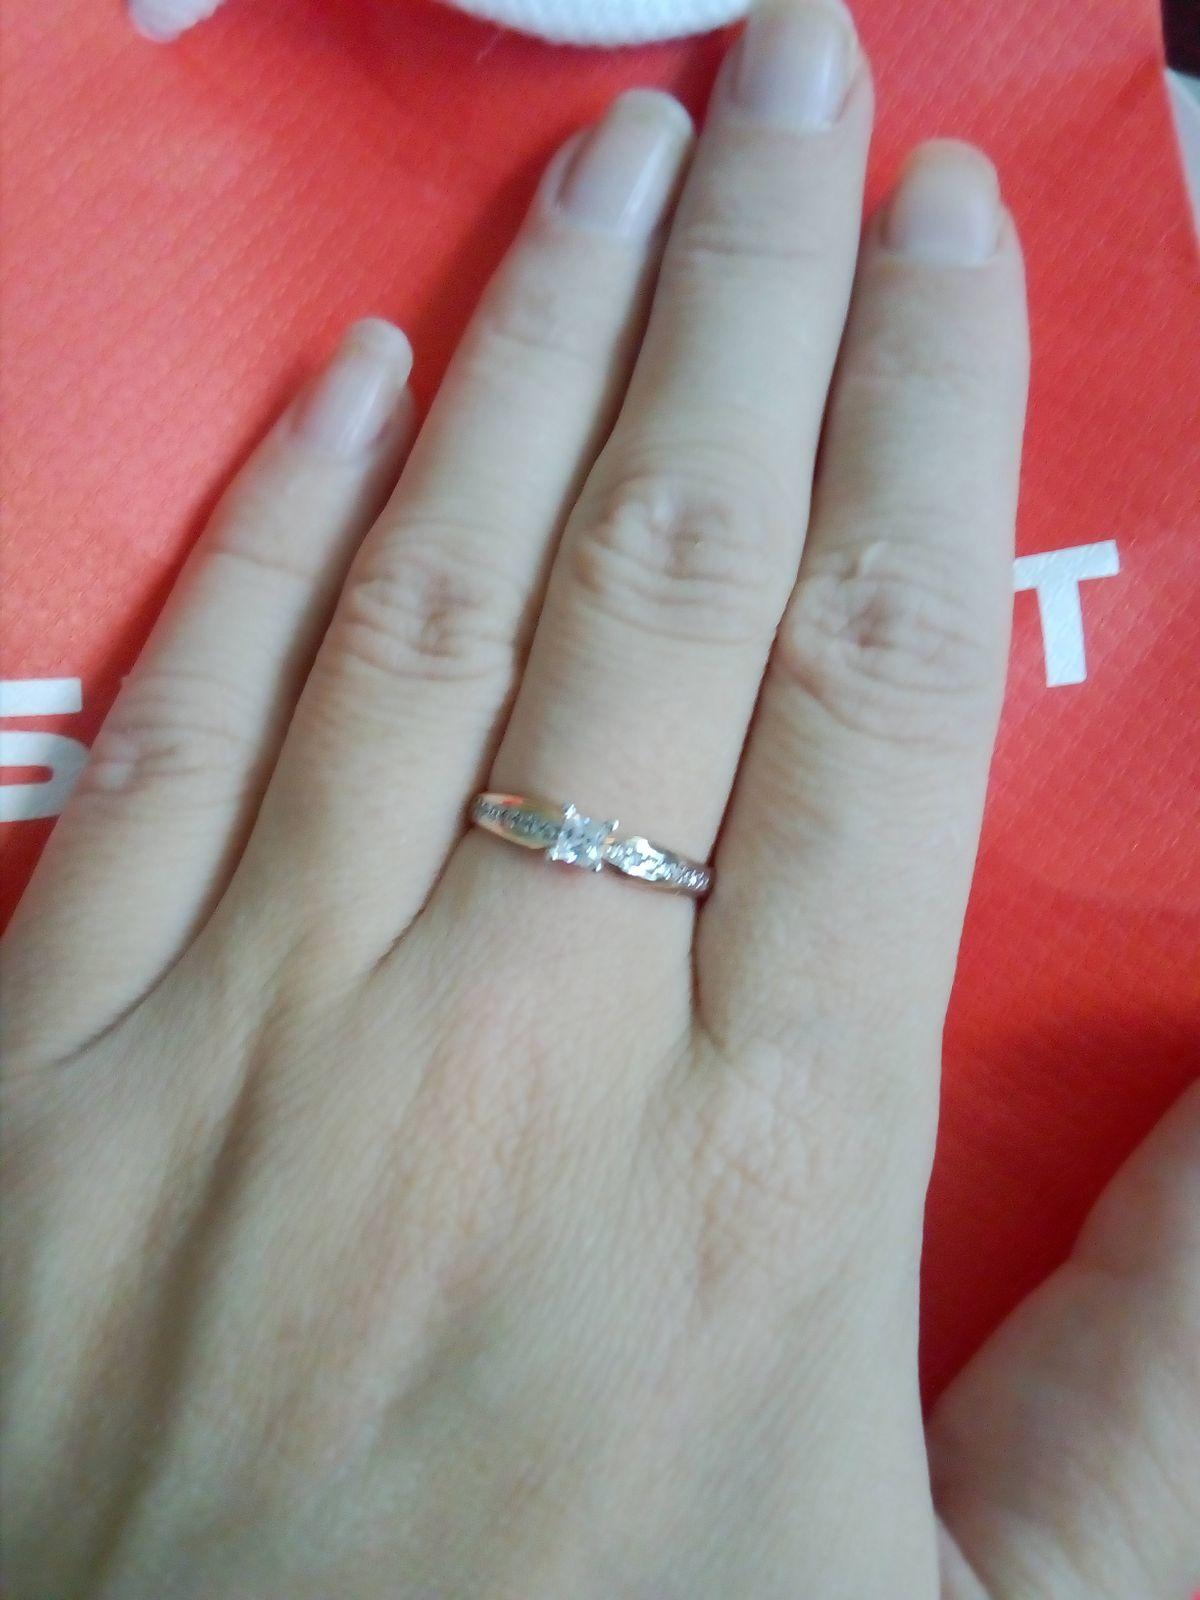 Красивое кольцо свекровь подарила на день рождения